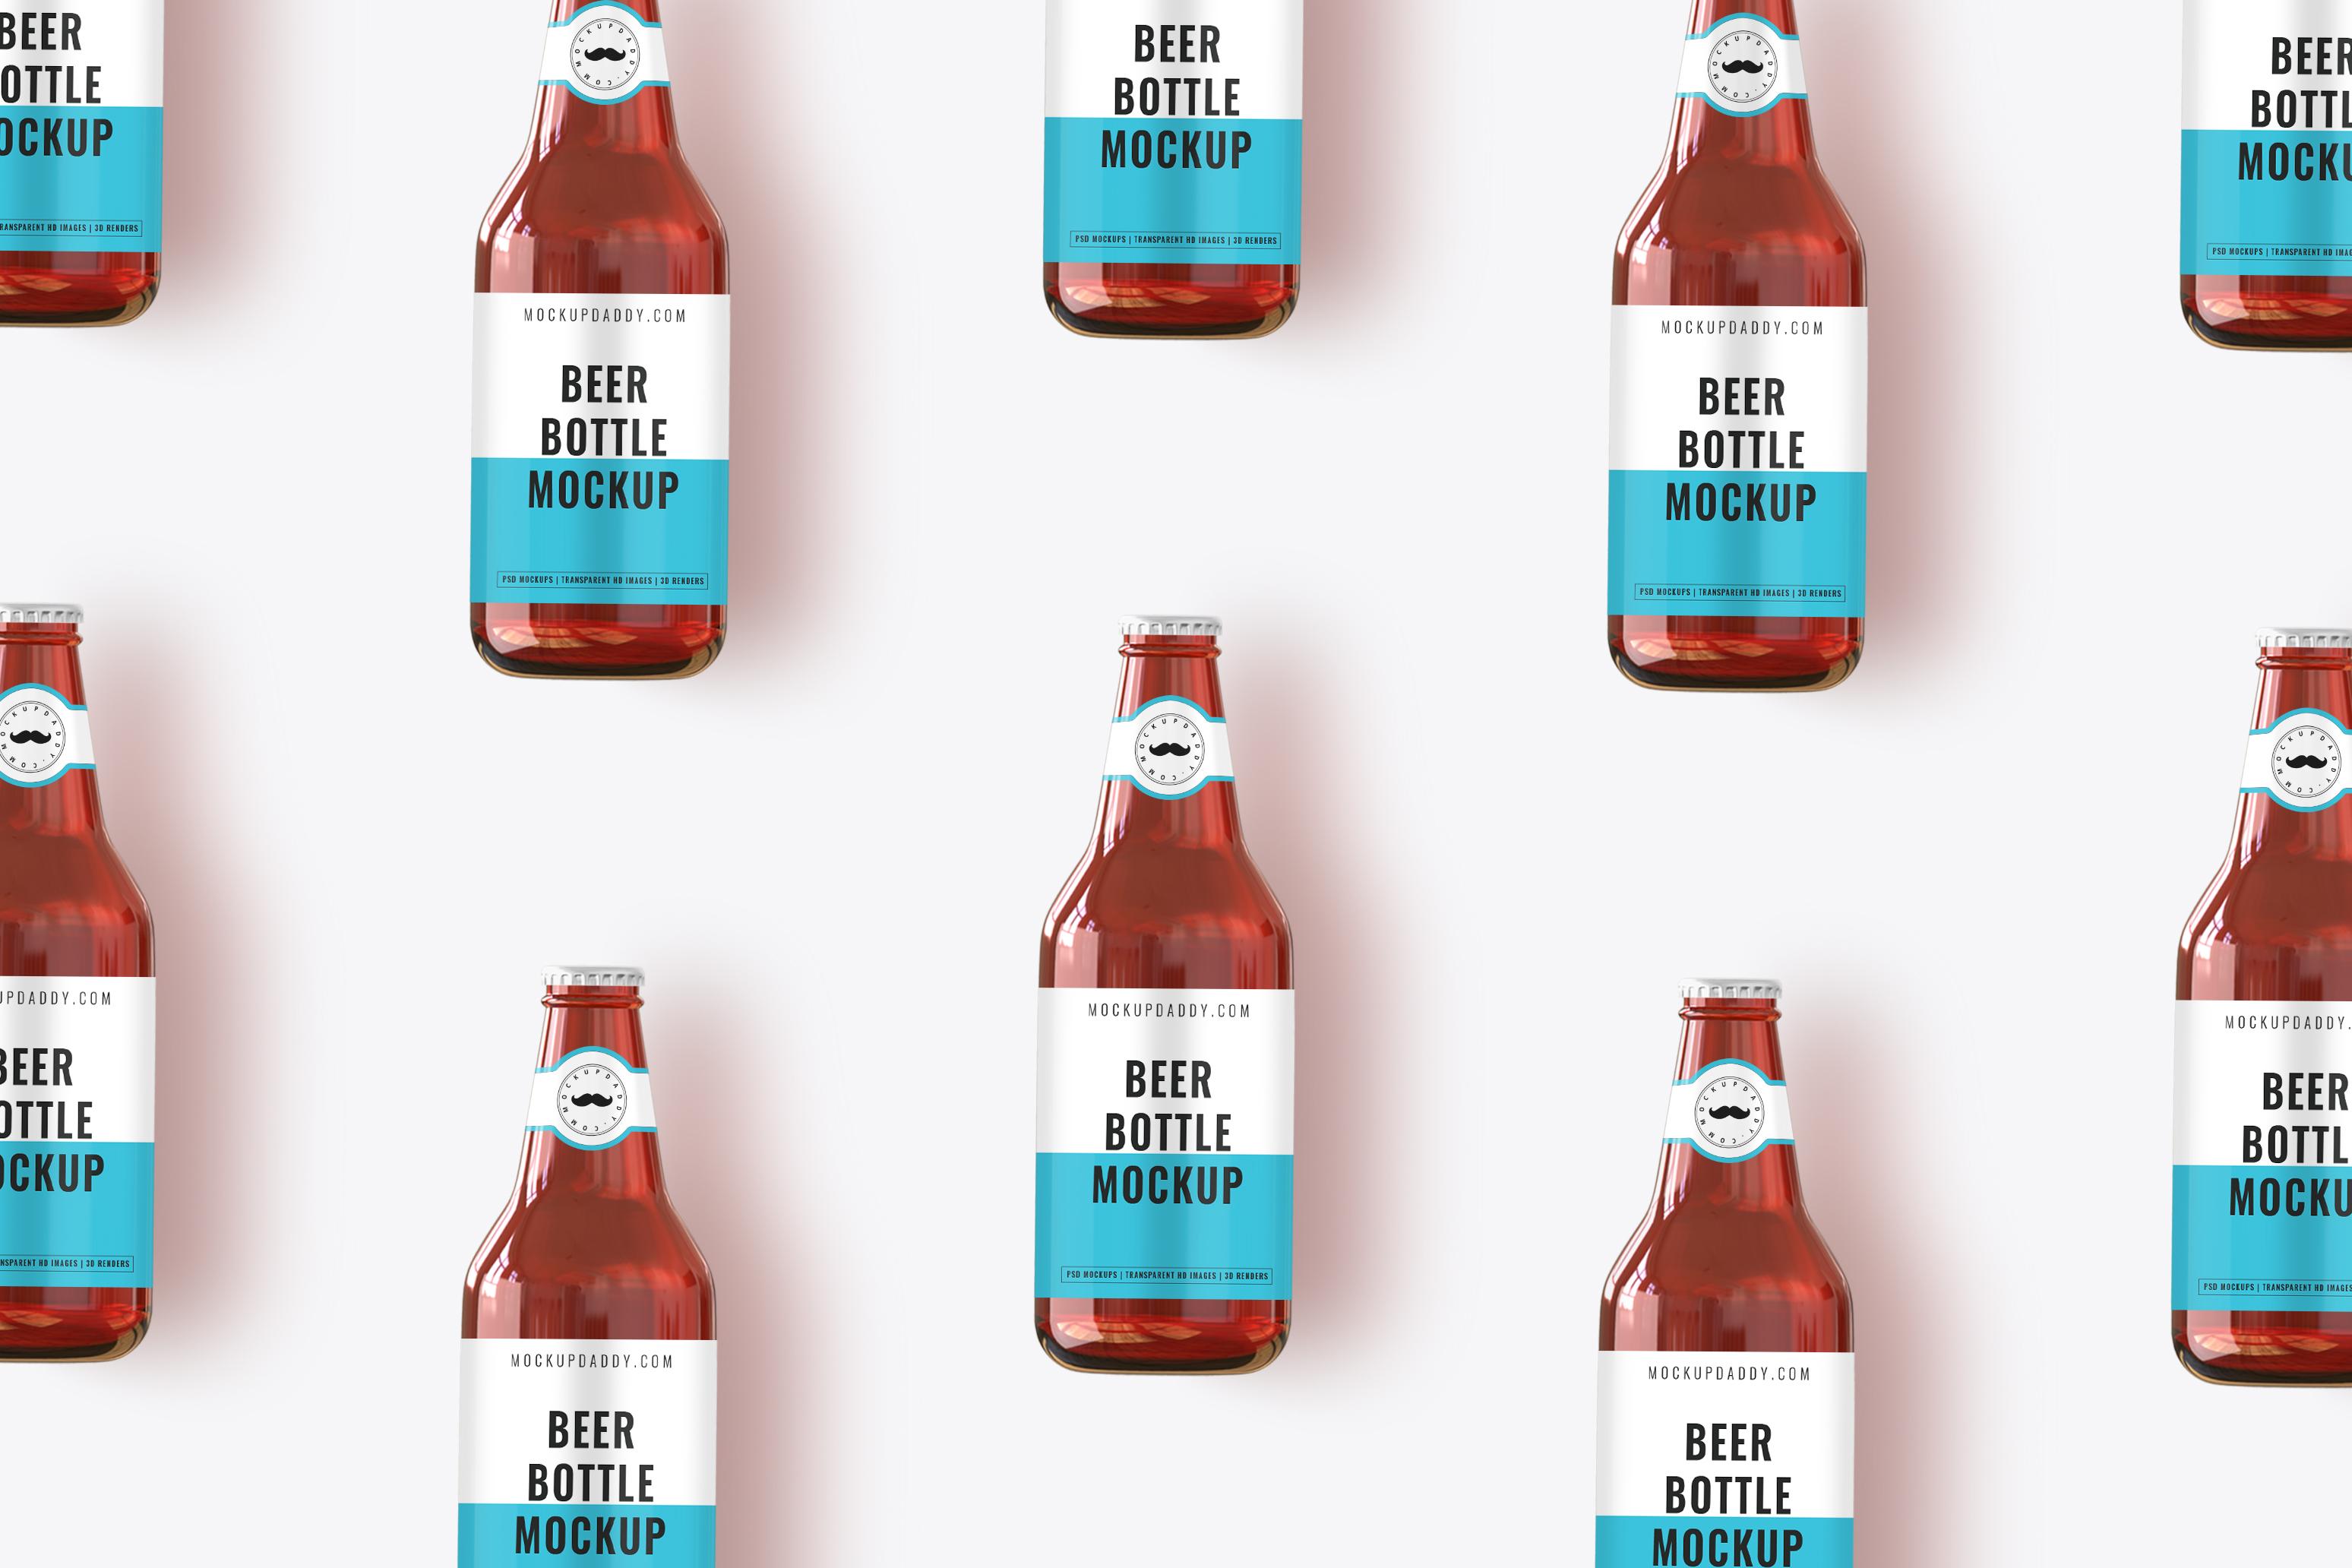 Beer bottle mockup scean